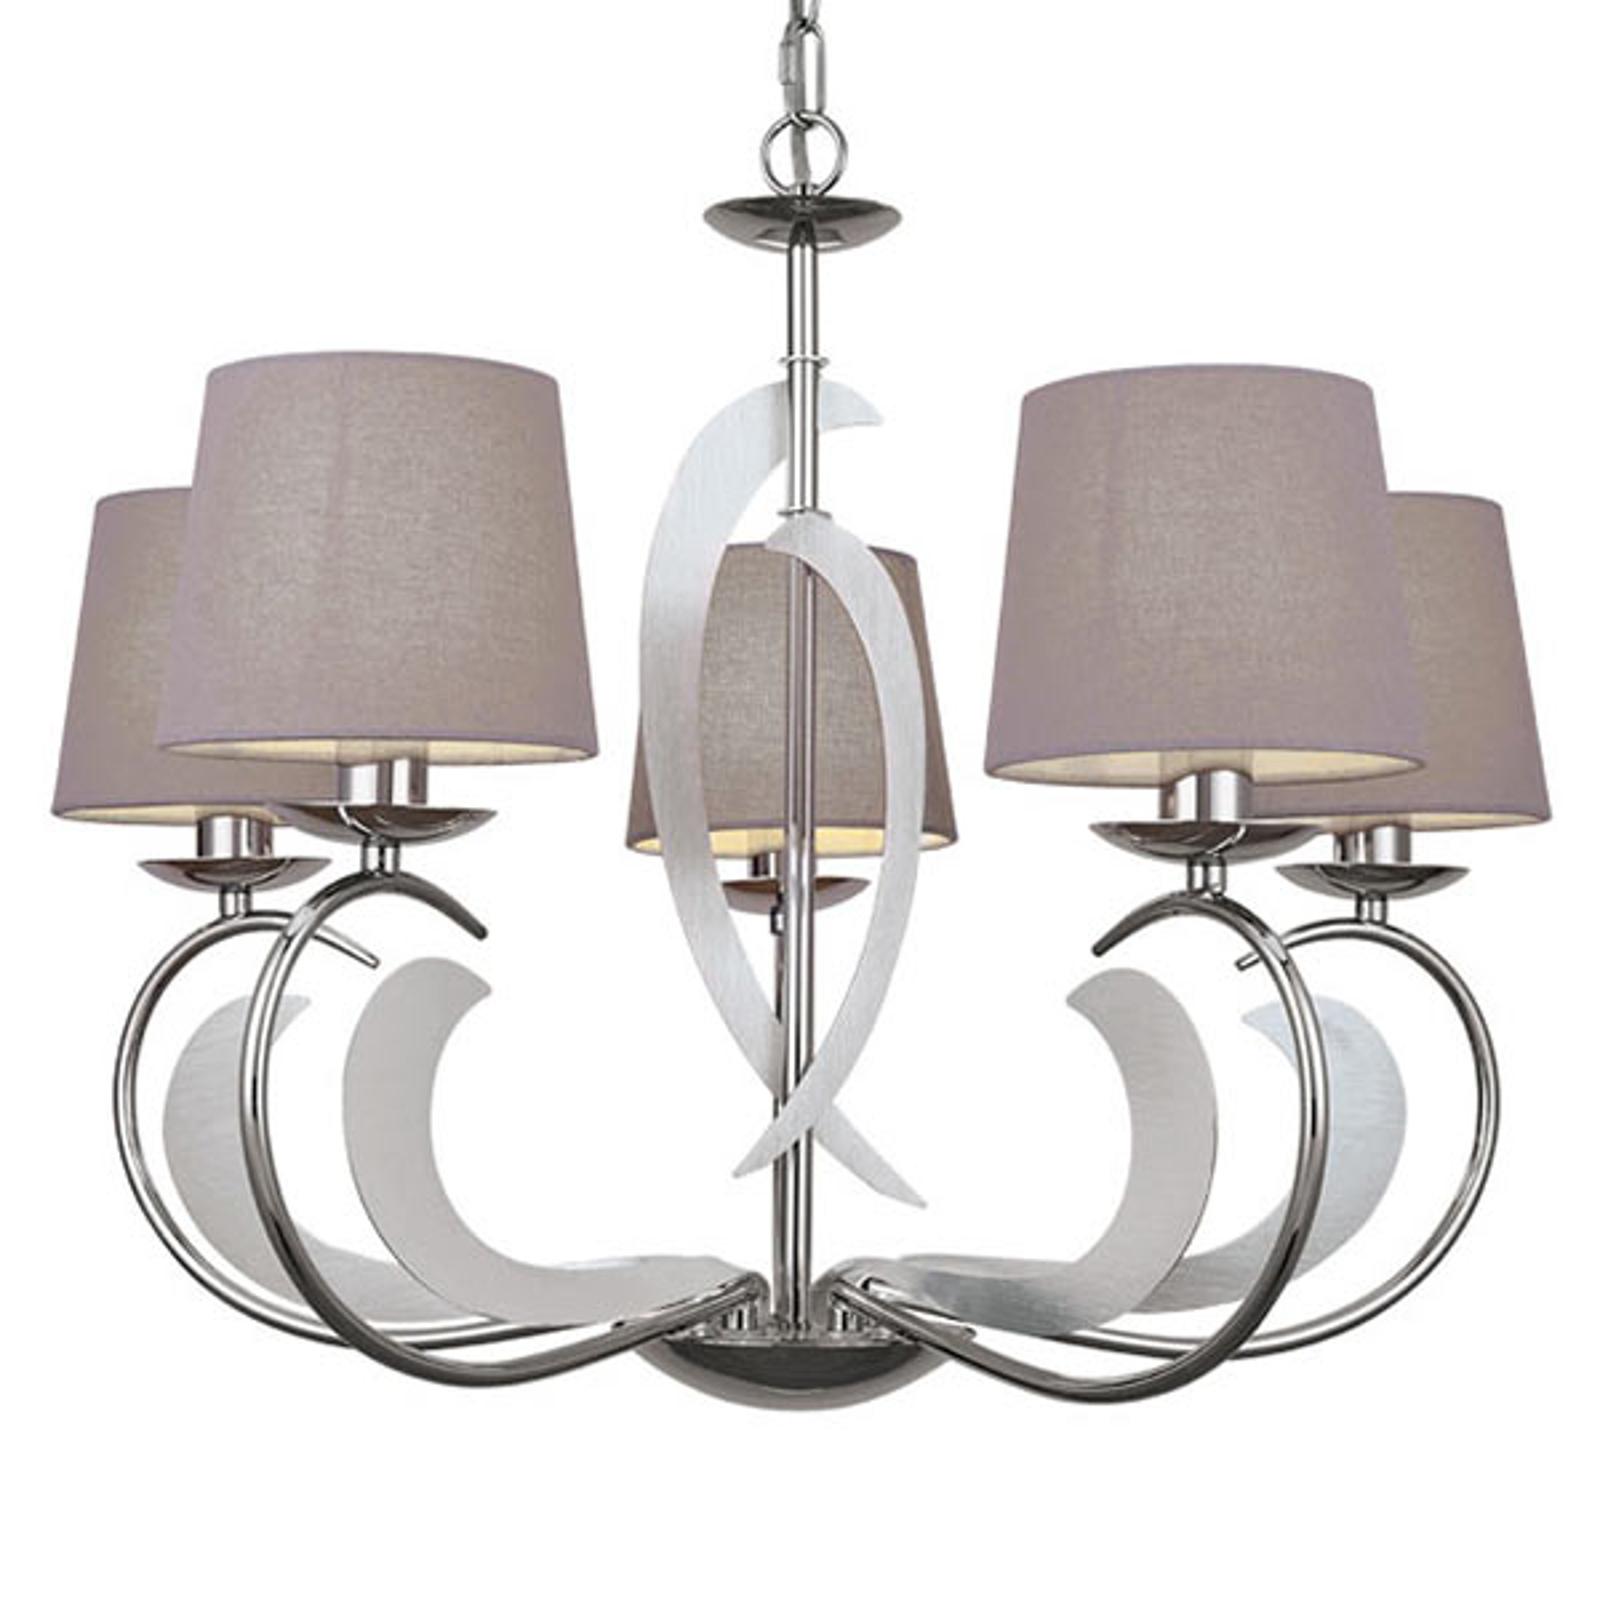 Evelyn - 5-lamps kroonluchter met charme